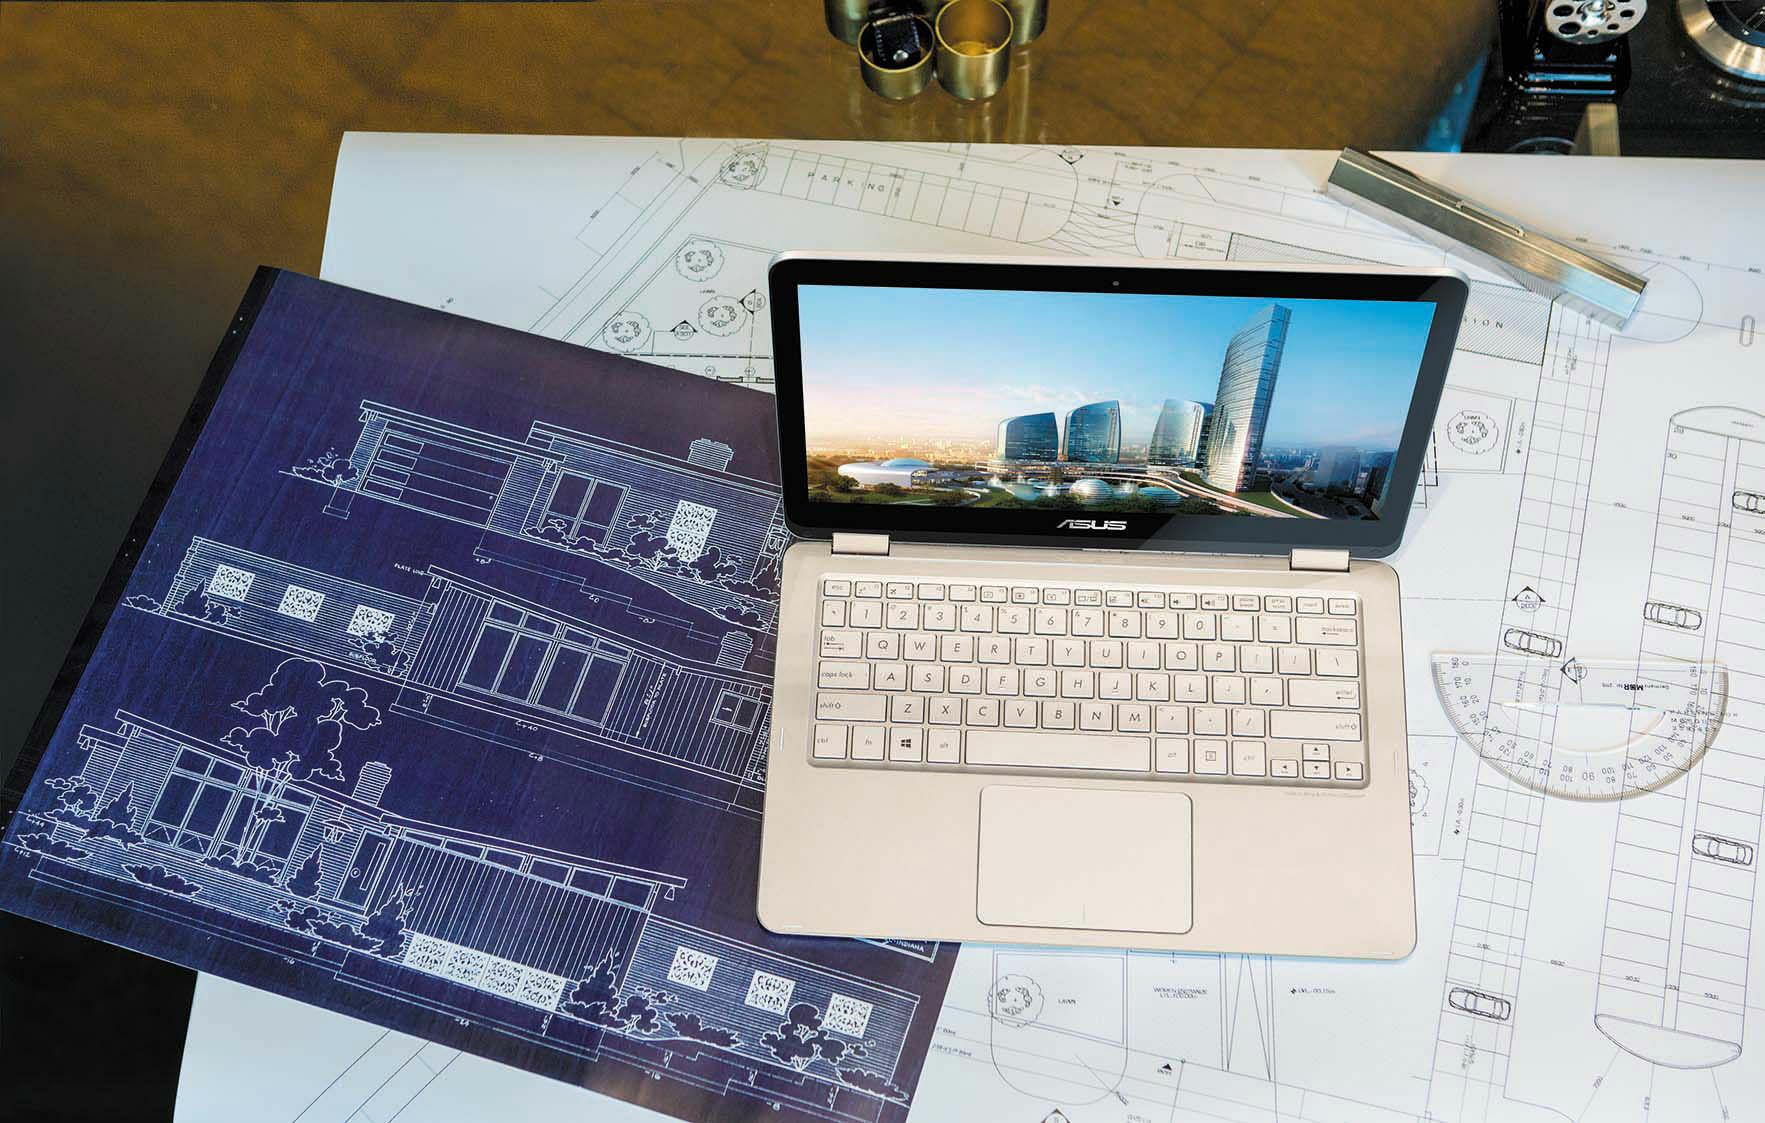 Asus Zenbook 3 Ux360